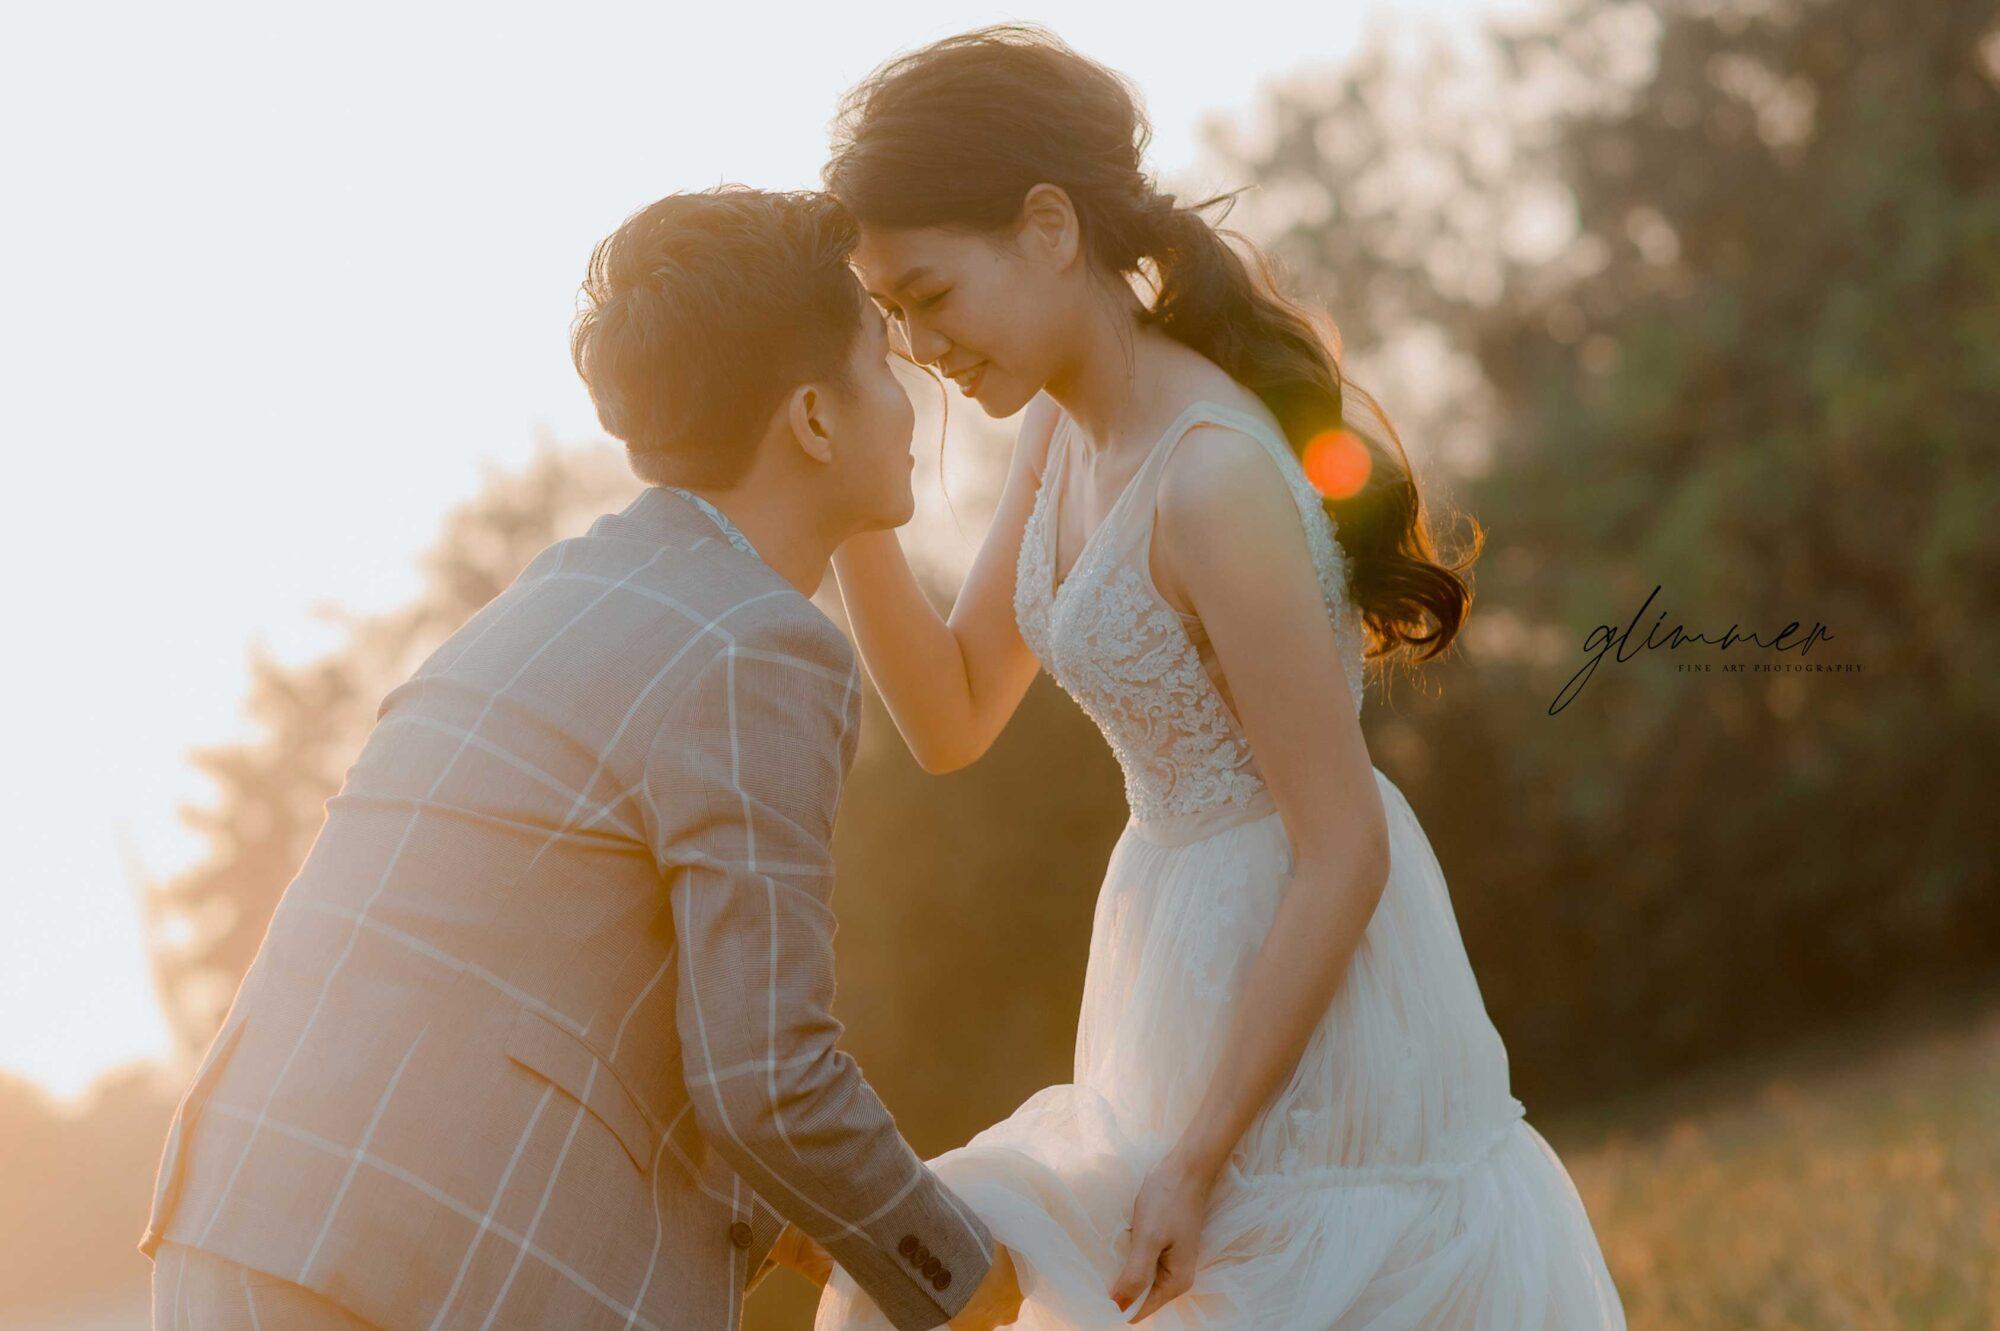 嘉義婚紗攝影